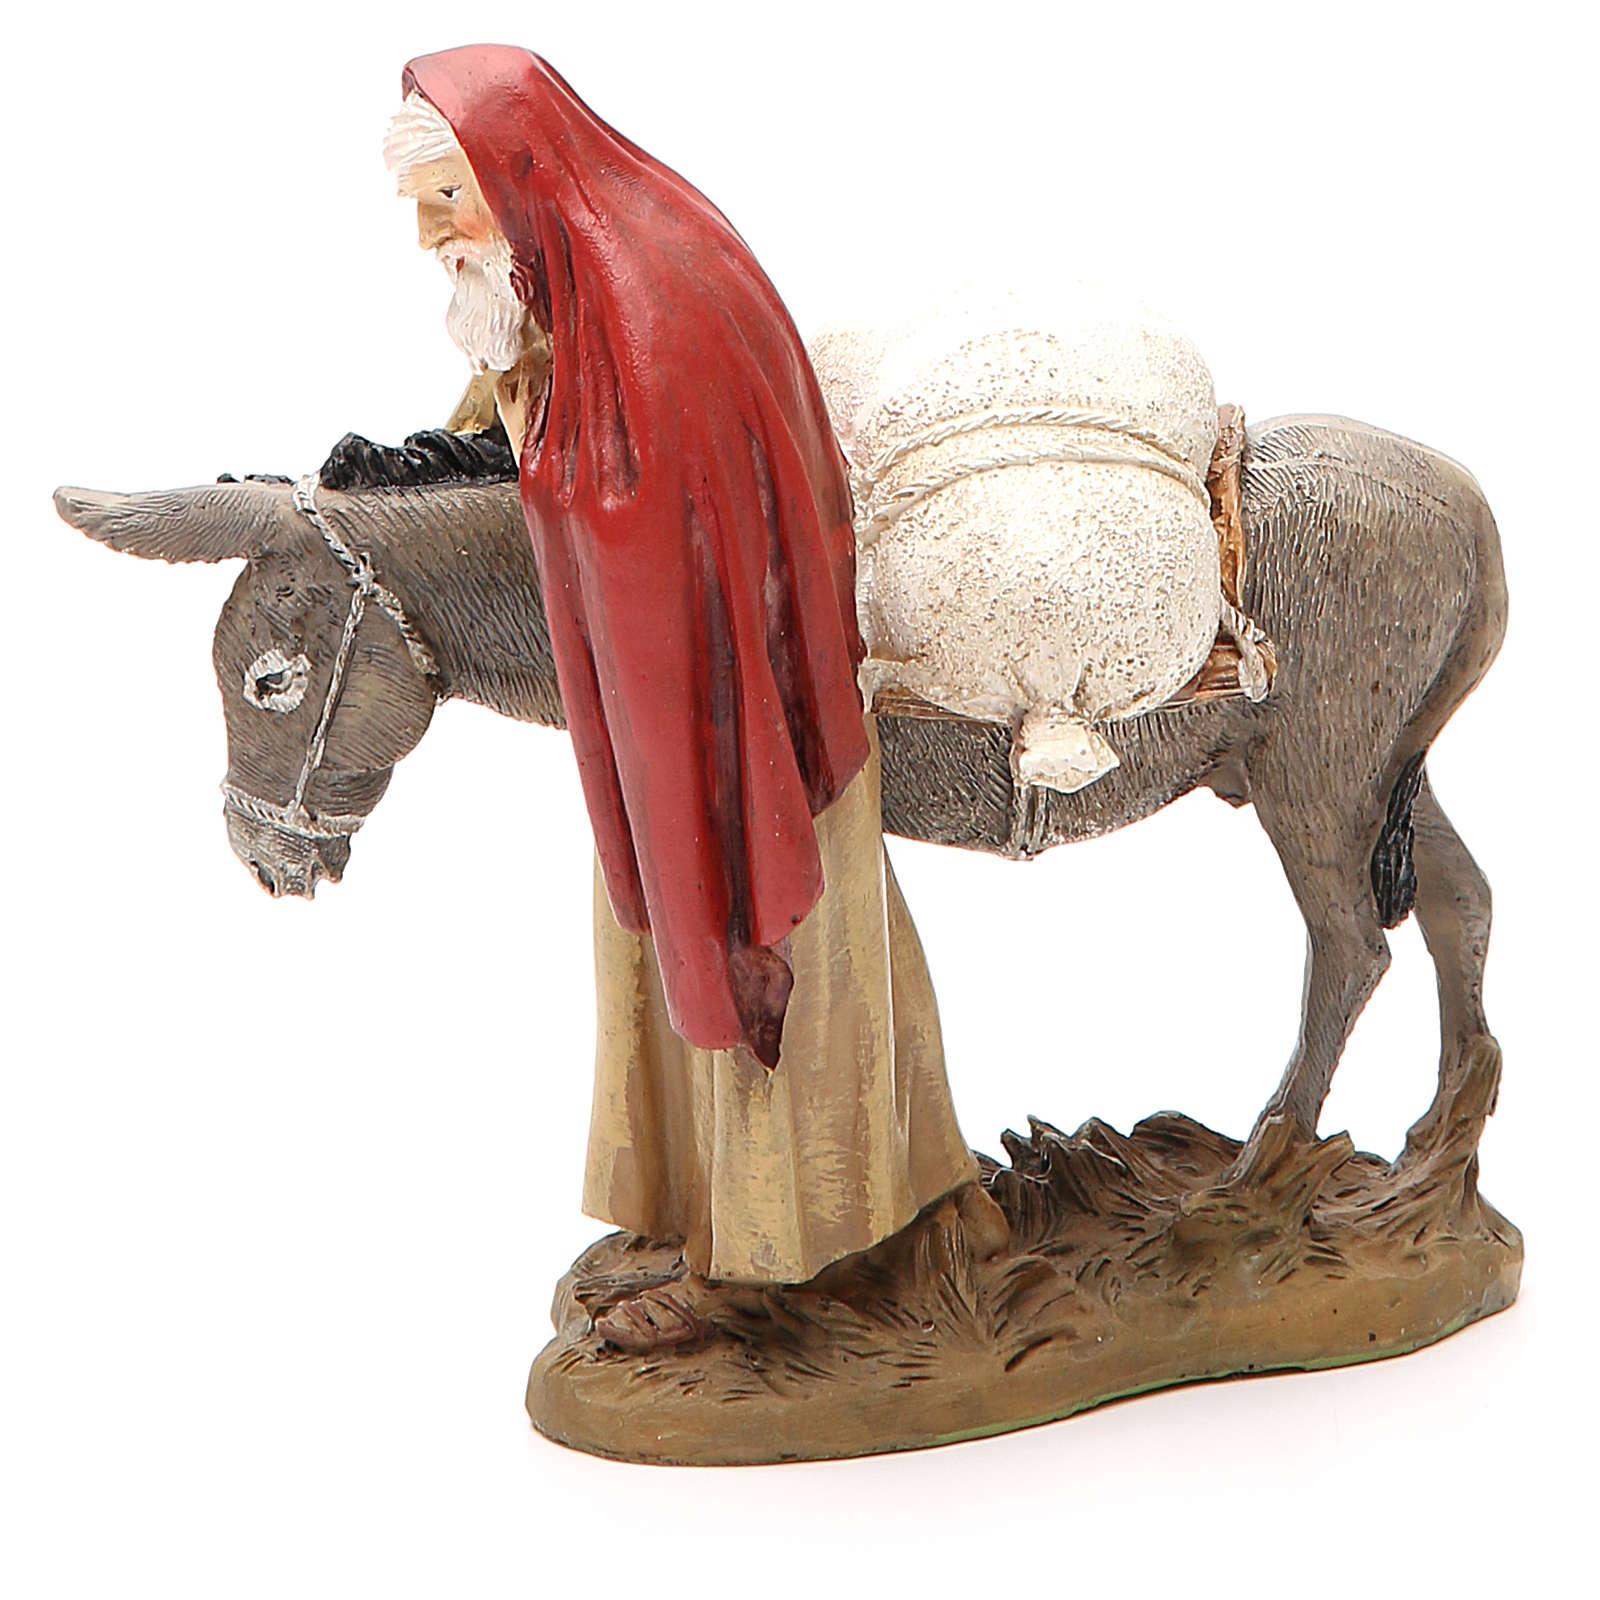 Errante con burro resina pintada cm 12 Línea barata Landi 3